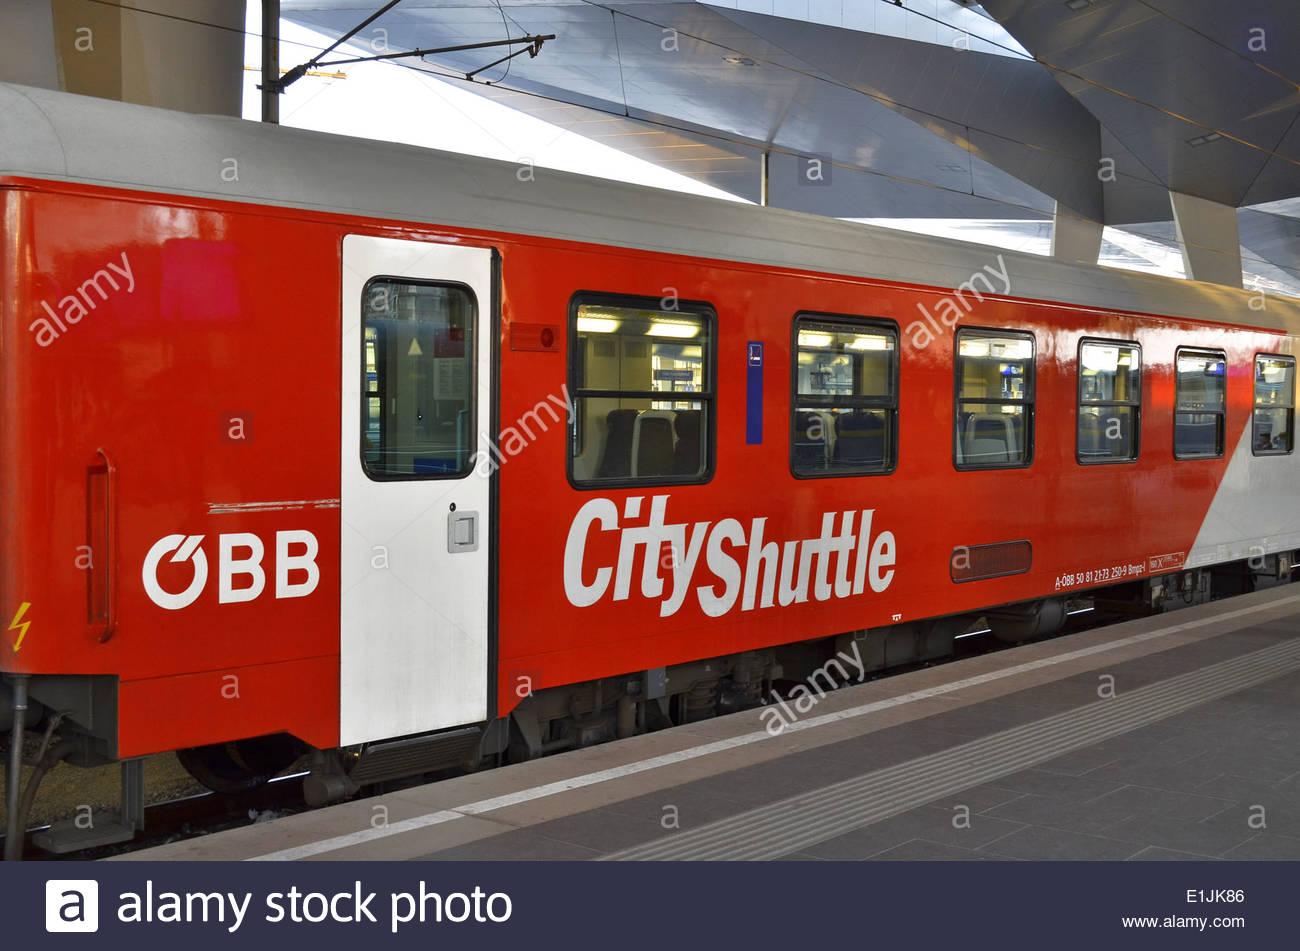 OBB ( Österreichische Bundesbahnen) train at platform, Wien Hauptbahnhof (Vienna Main Railway Station), Austria Europe. - Stock Image